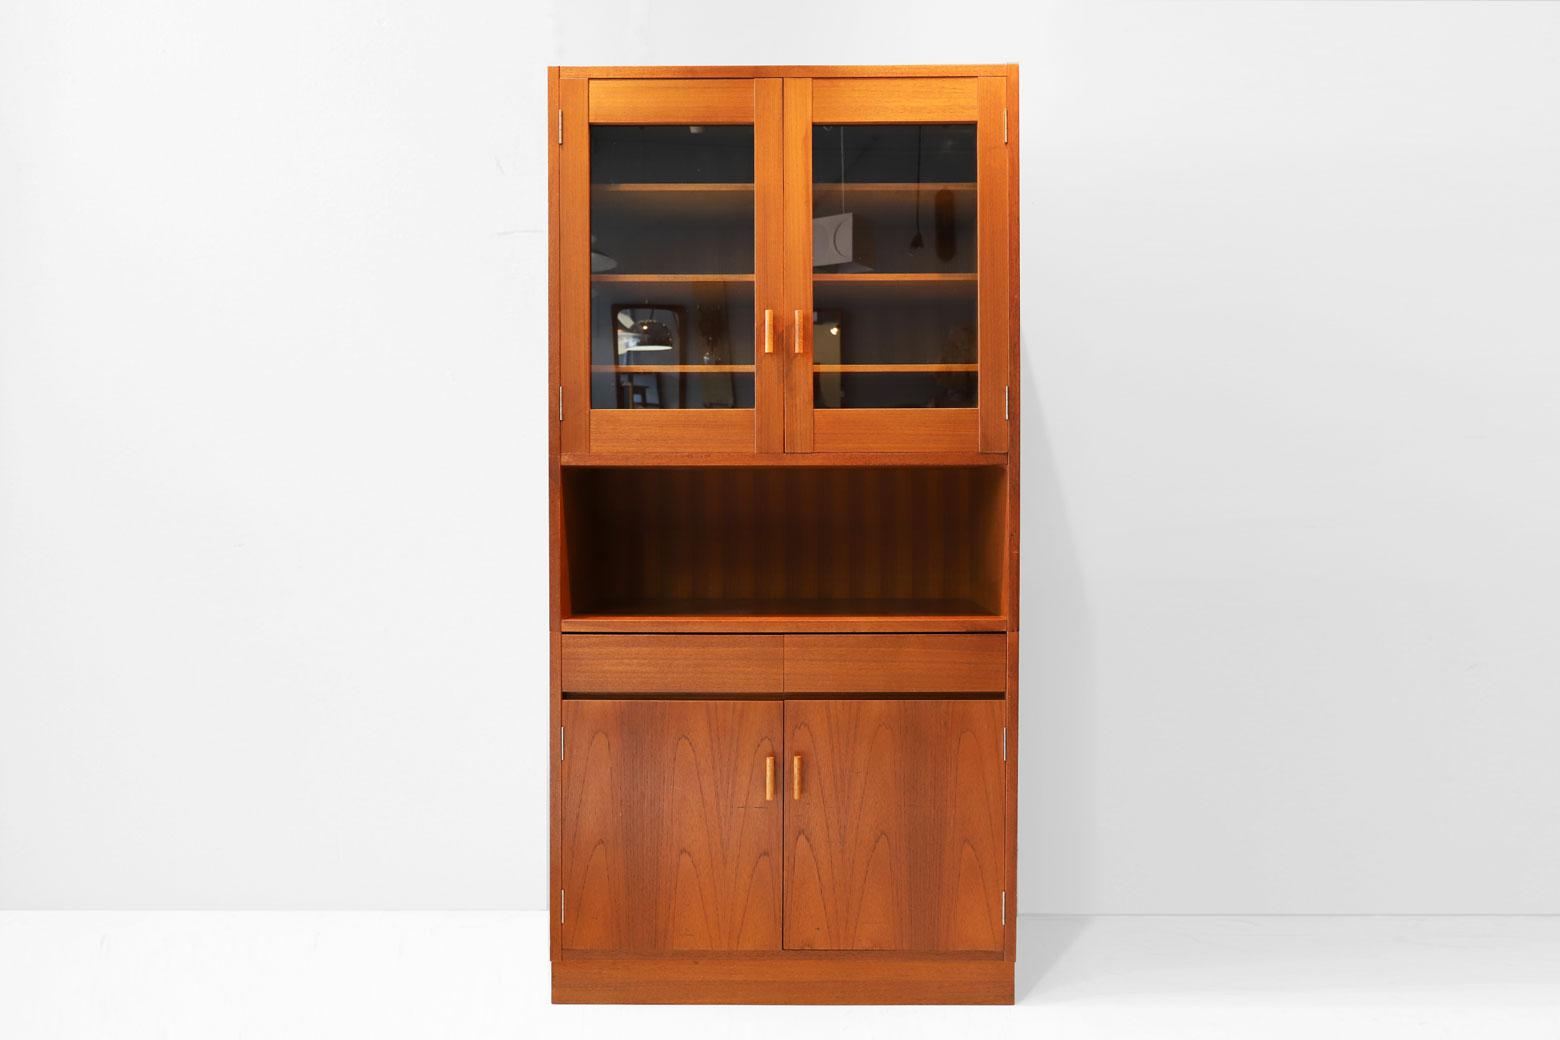 Japan Vintage Teak Wood Cup Board / ジャパン ビンテージ チーク材 食器棚のお買取をいたしました。